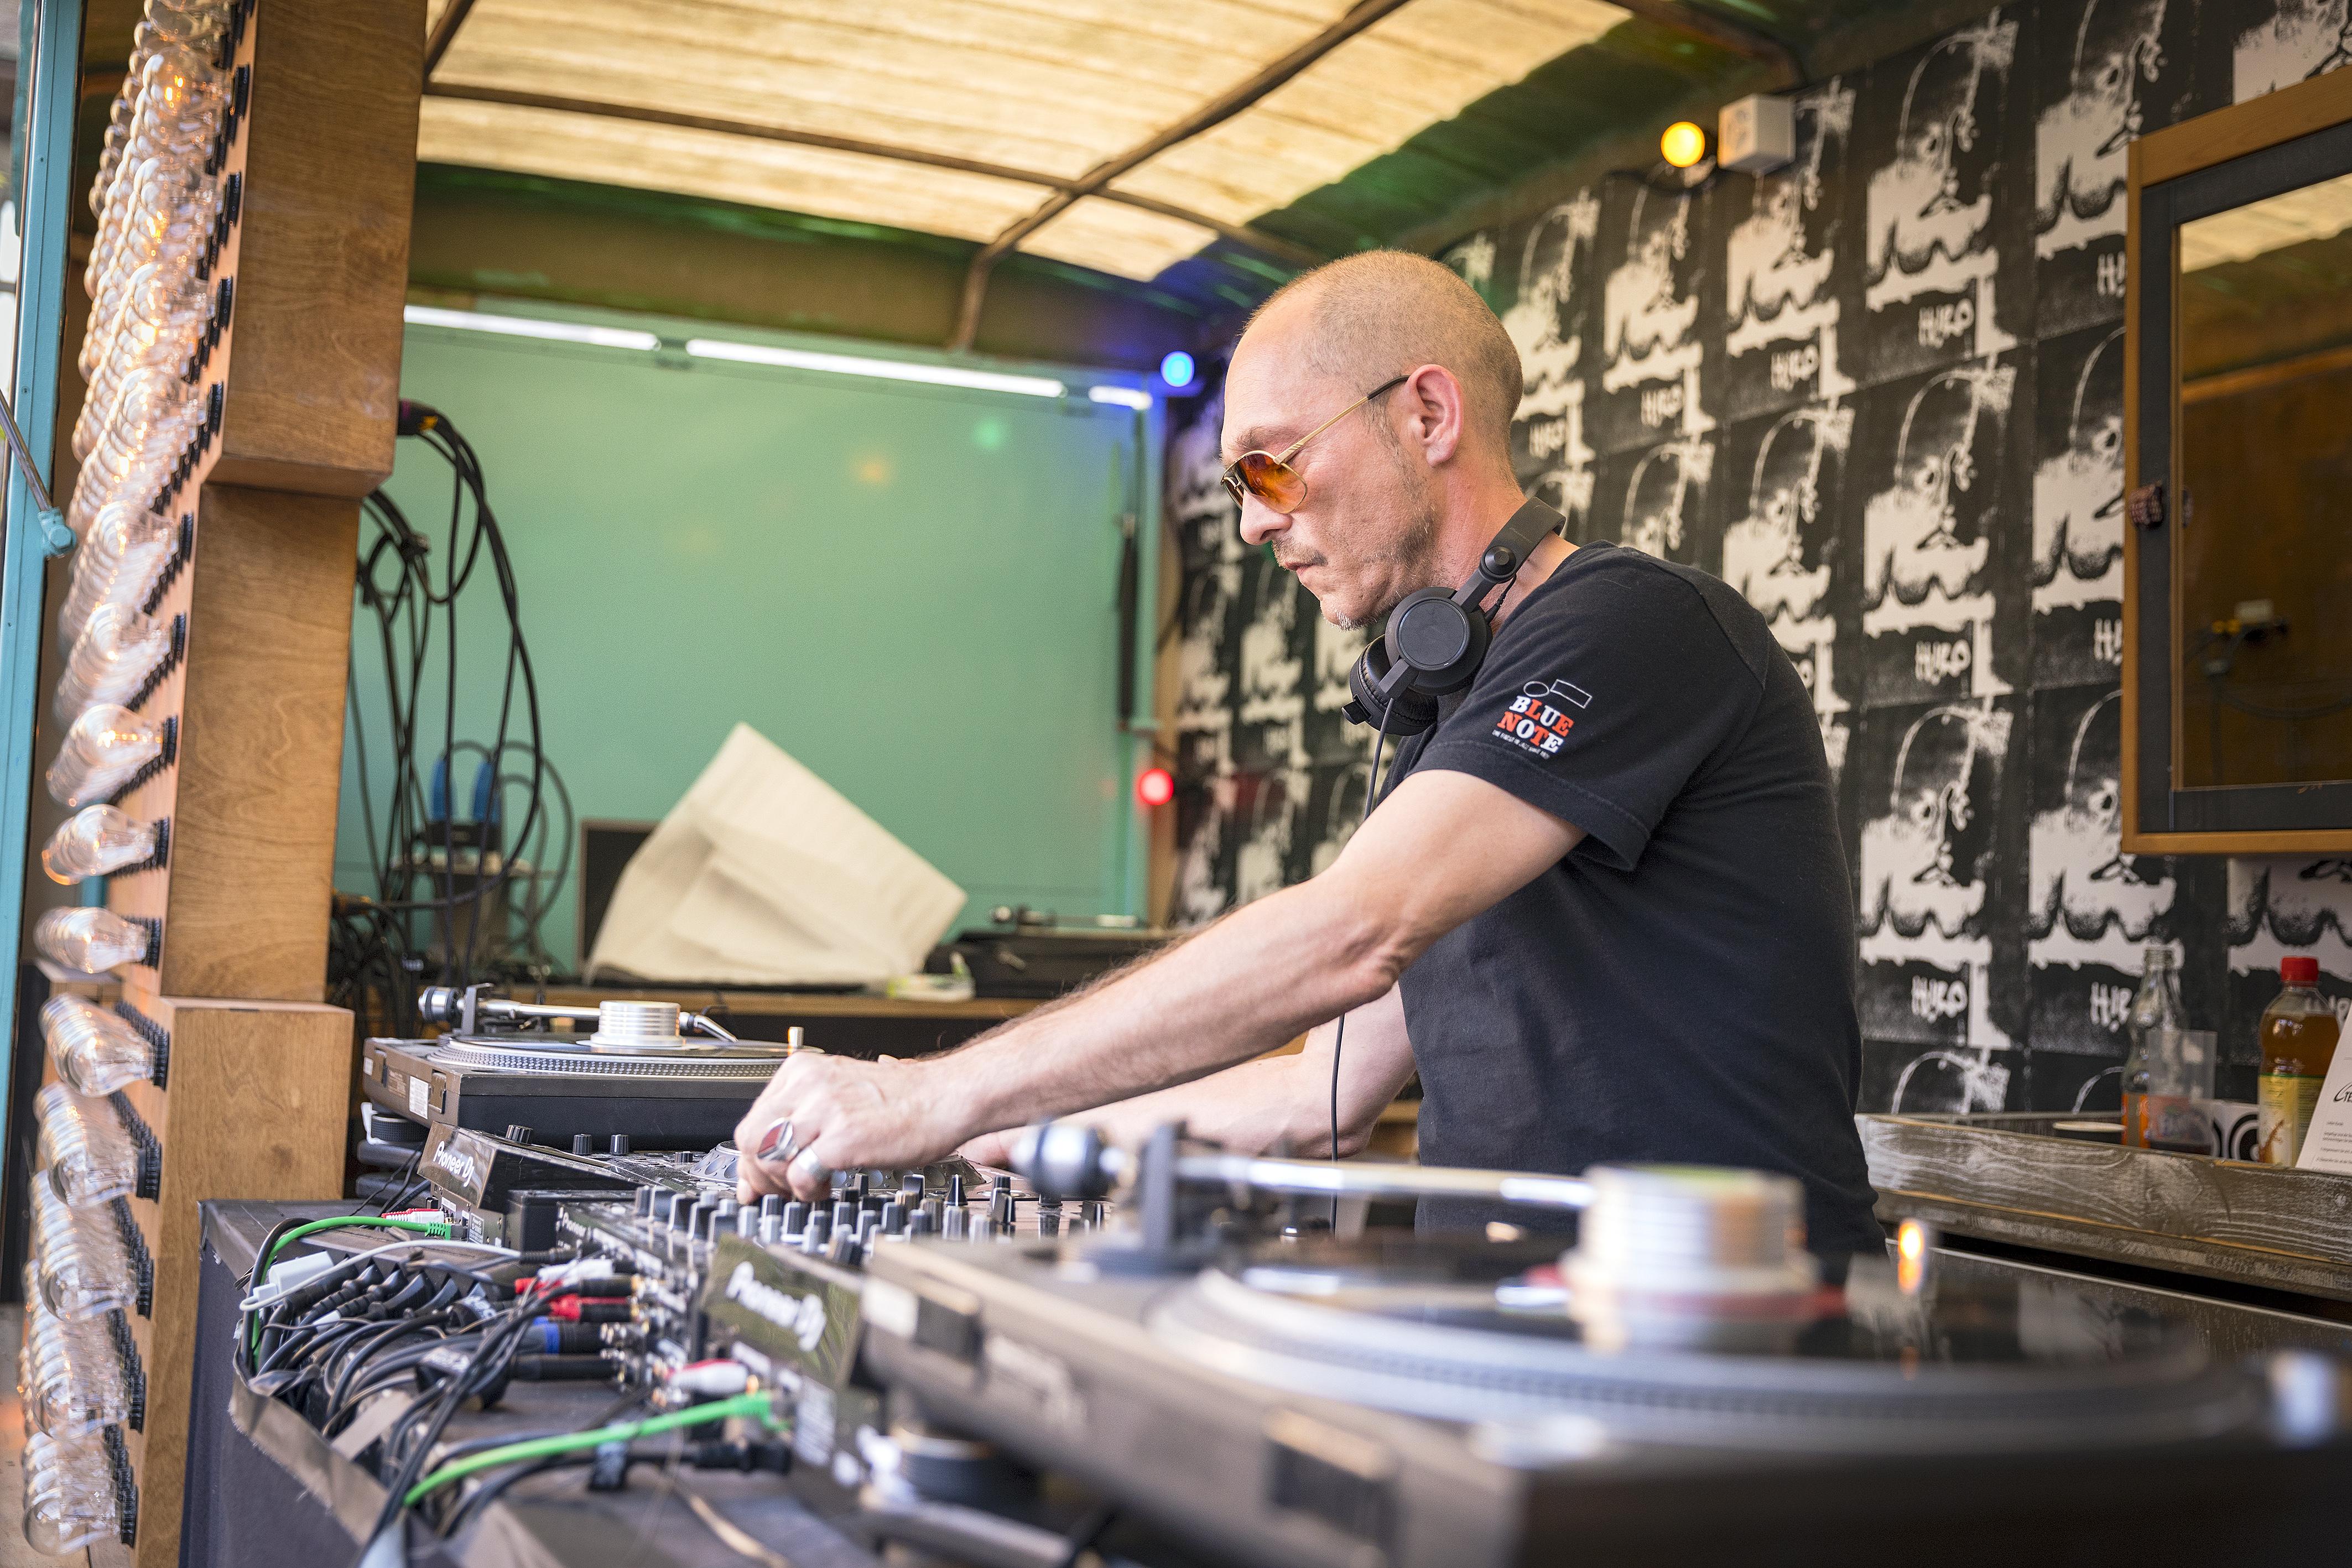 DJ Plattform